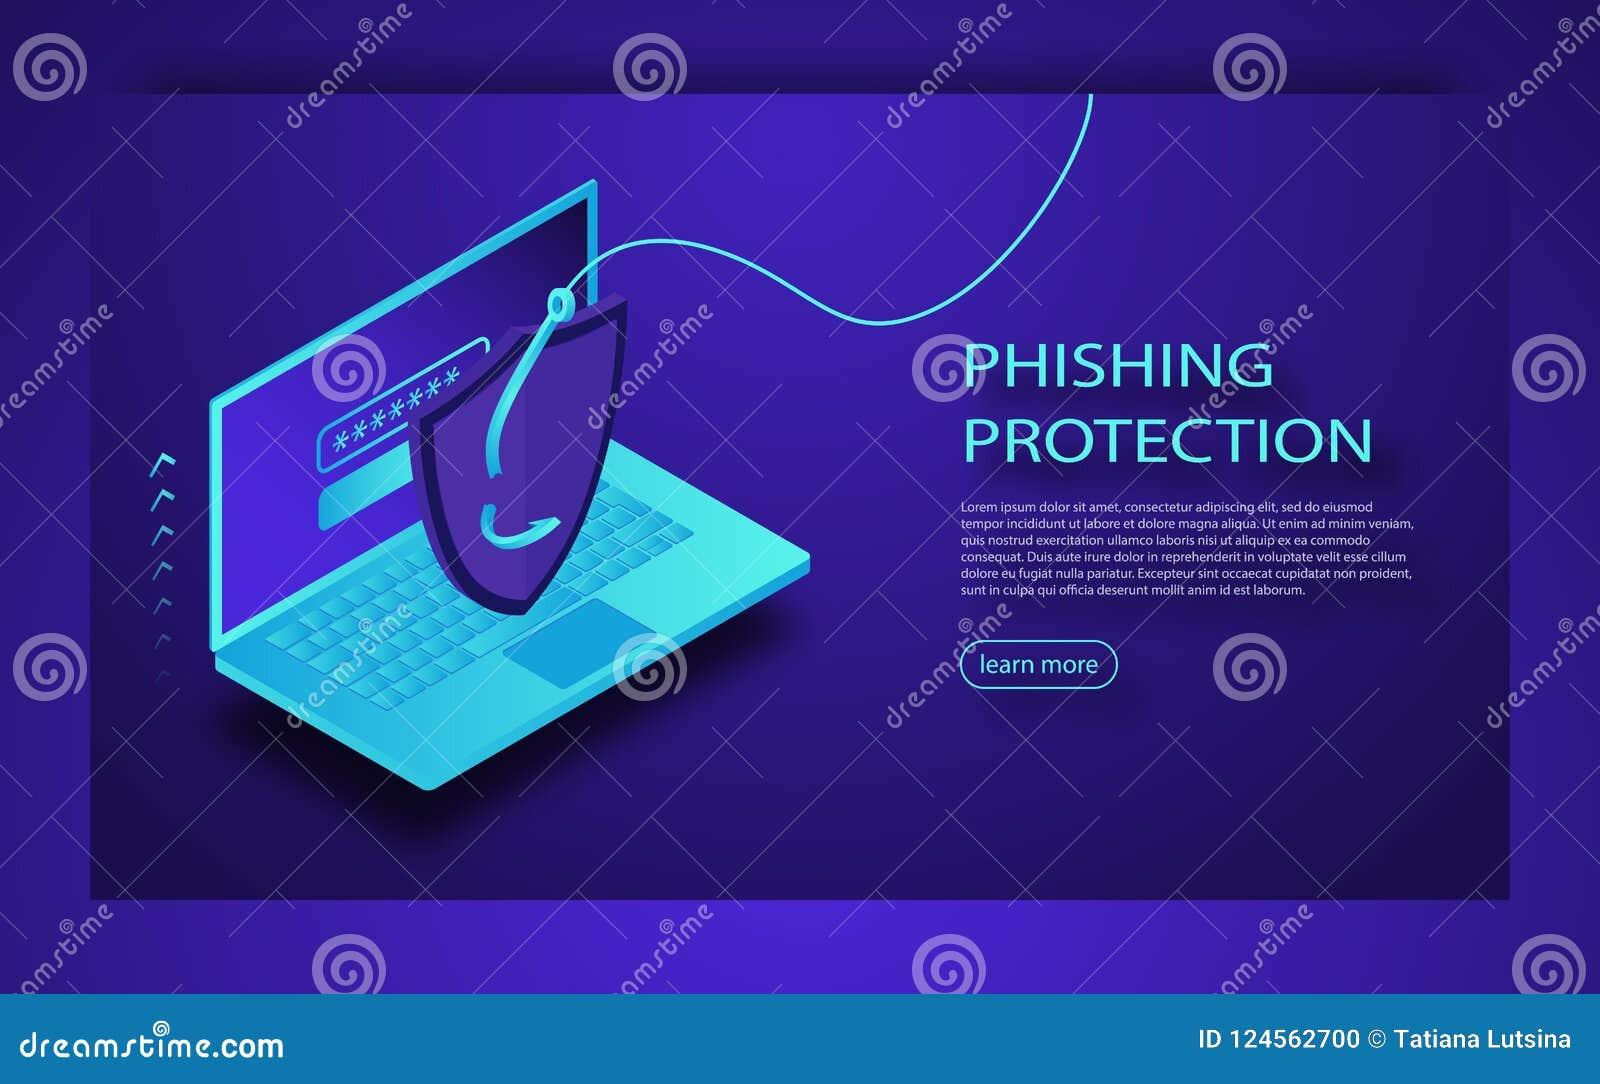 乱砍信用卡或个人信息网站 网络银行帐户攻击 Phishing保护概念